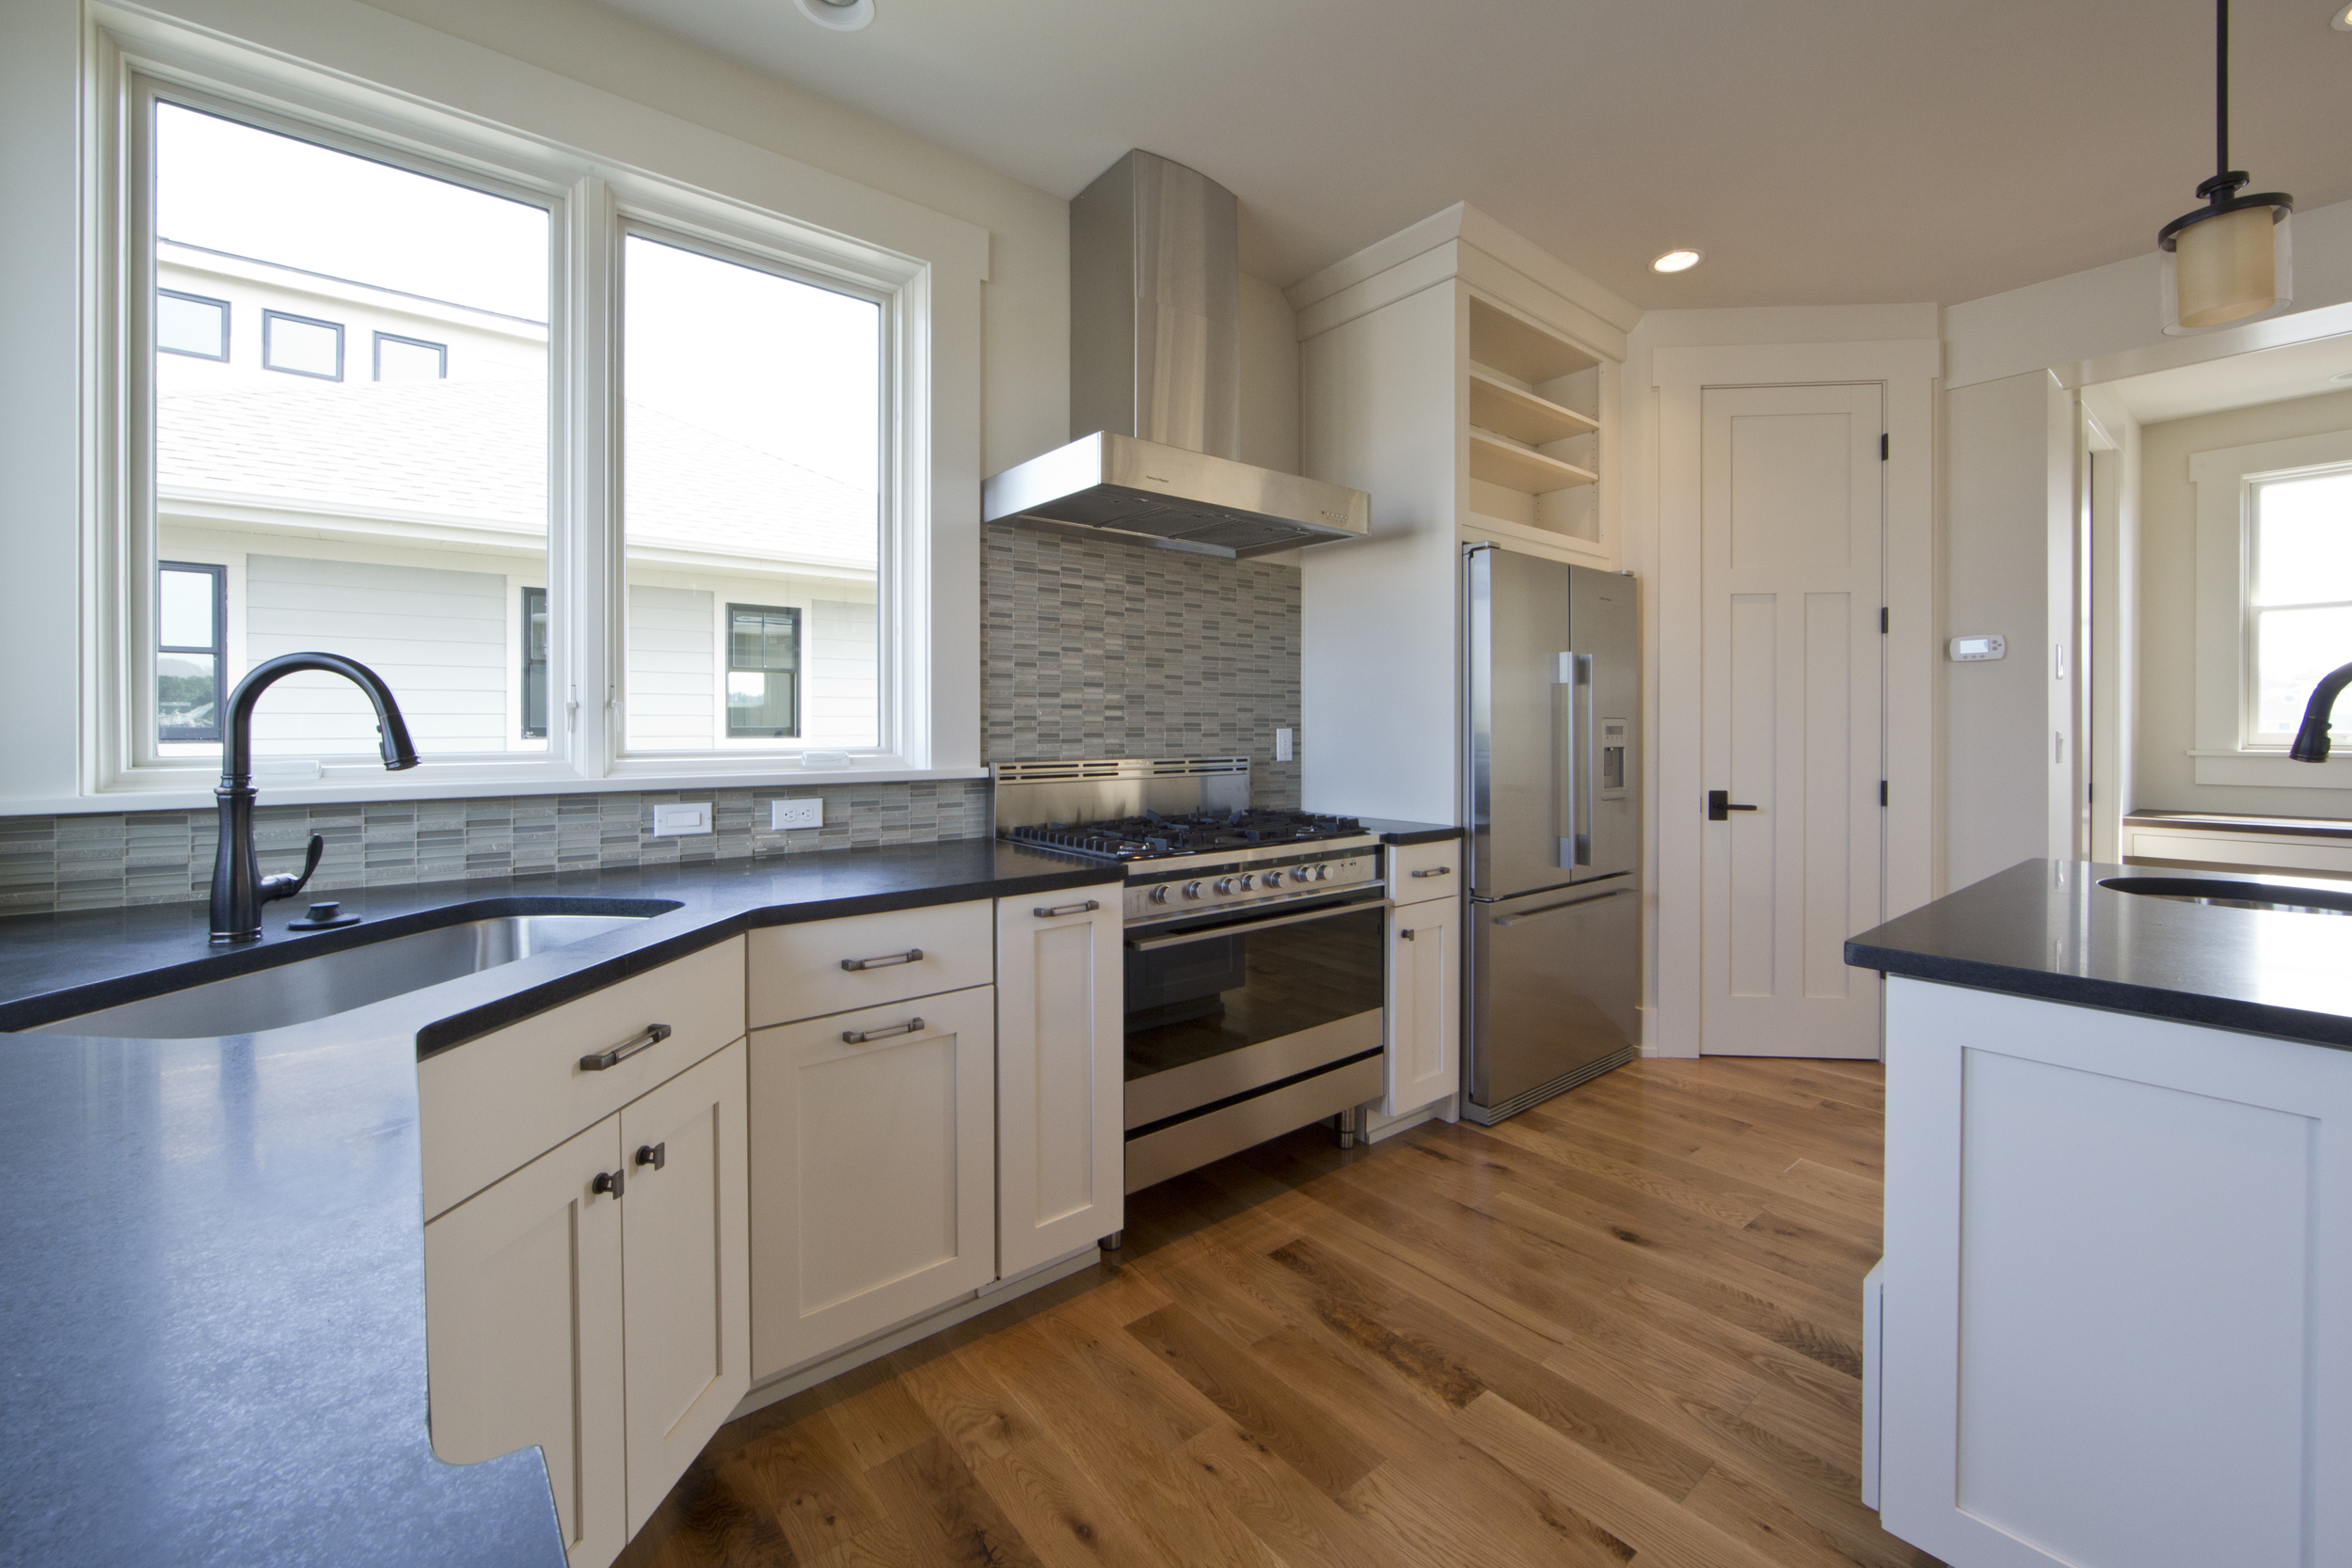 Kitchen_C93A4045-1.jpg